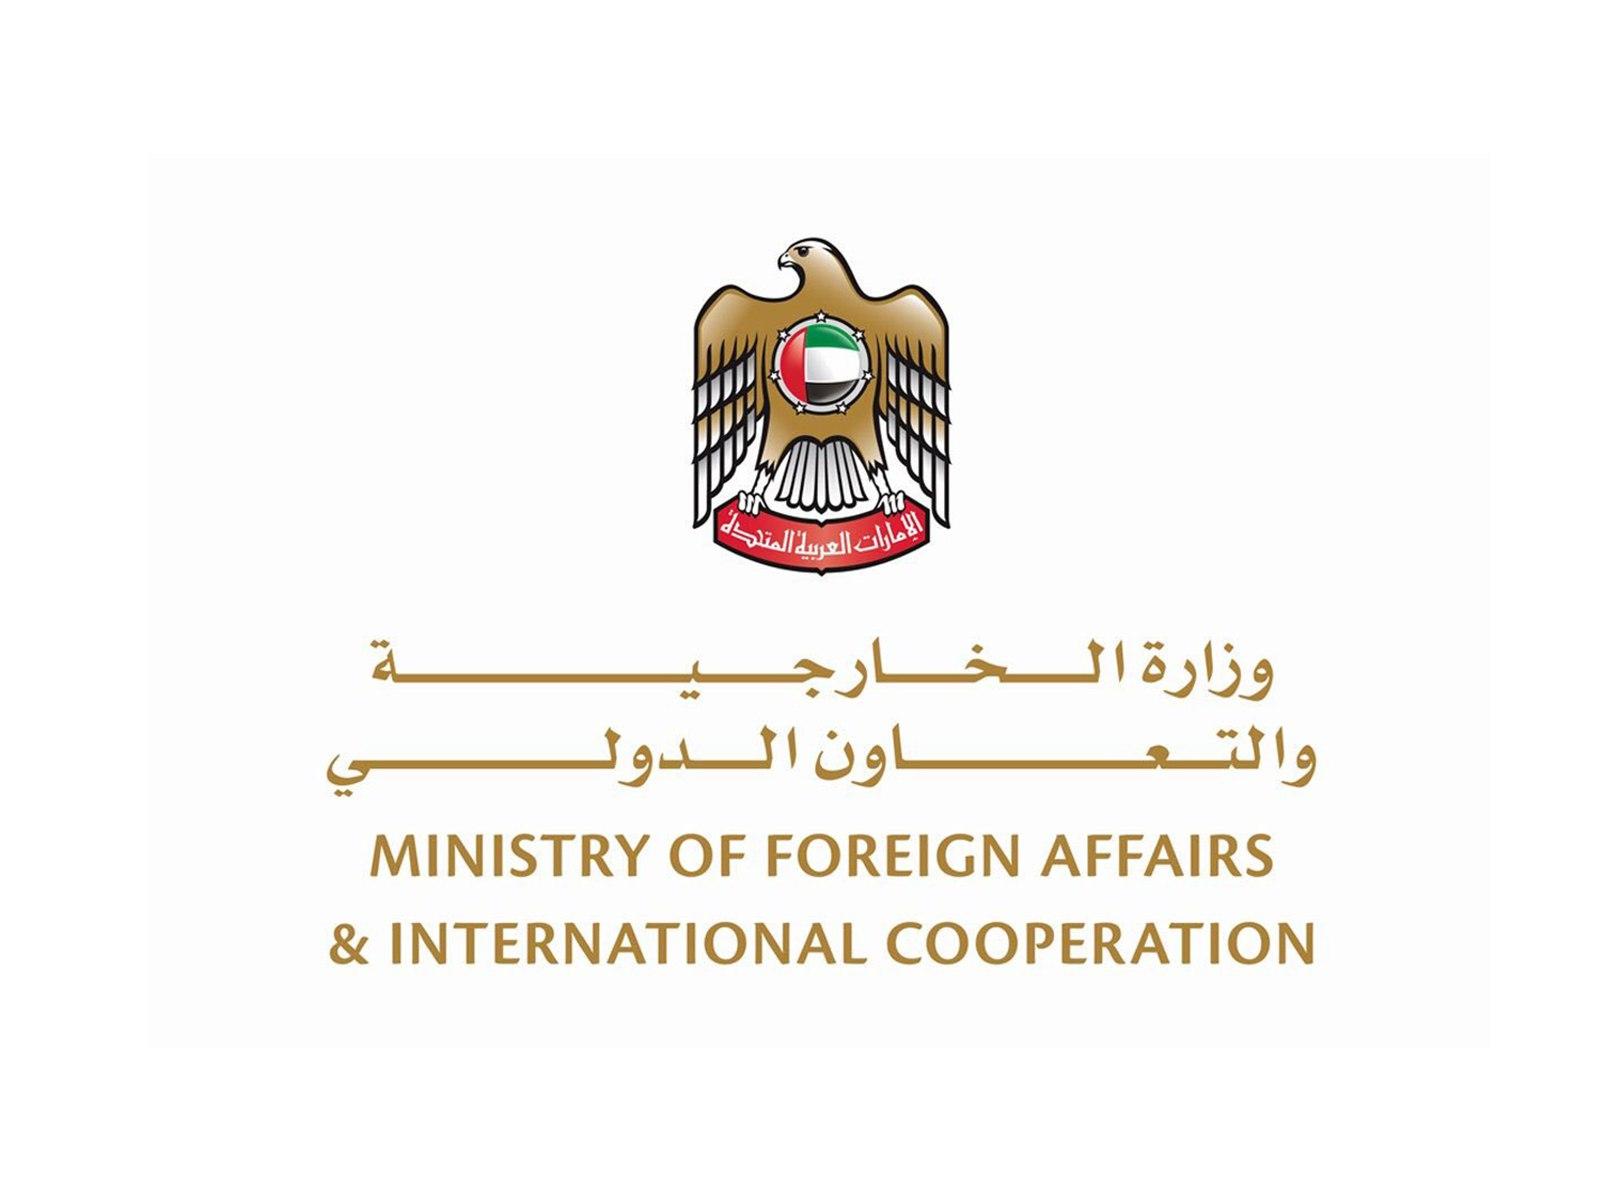 الإمارات ترحب بتشكيل الحكومة العراقية برئاسة مصطفى الكاظمي